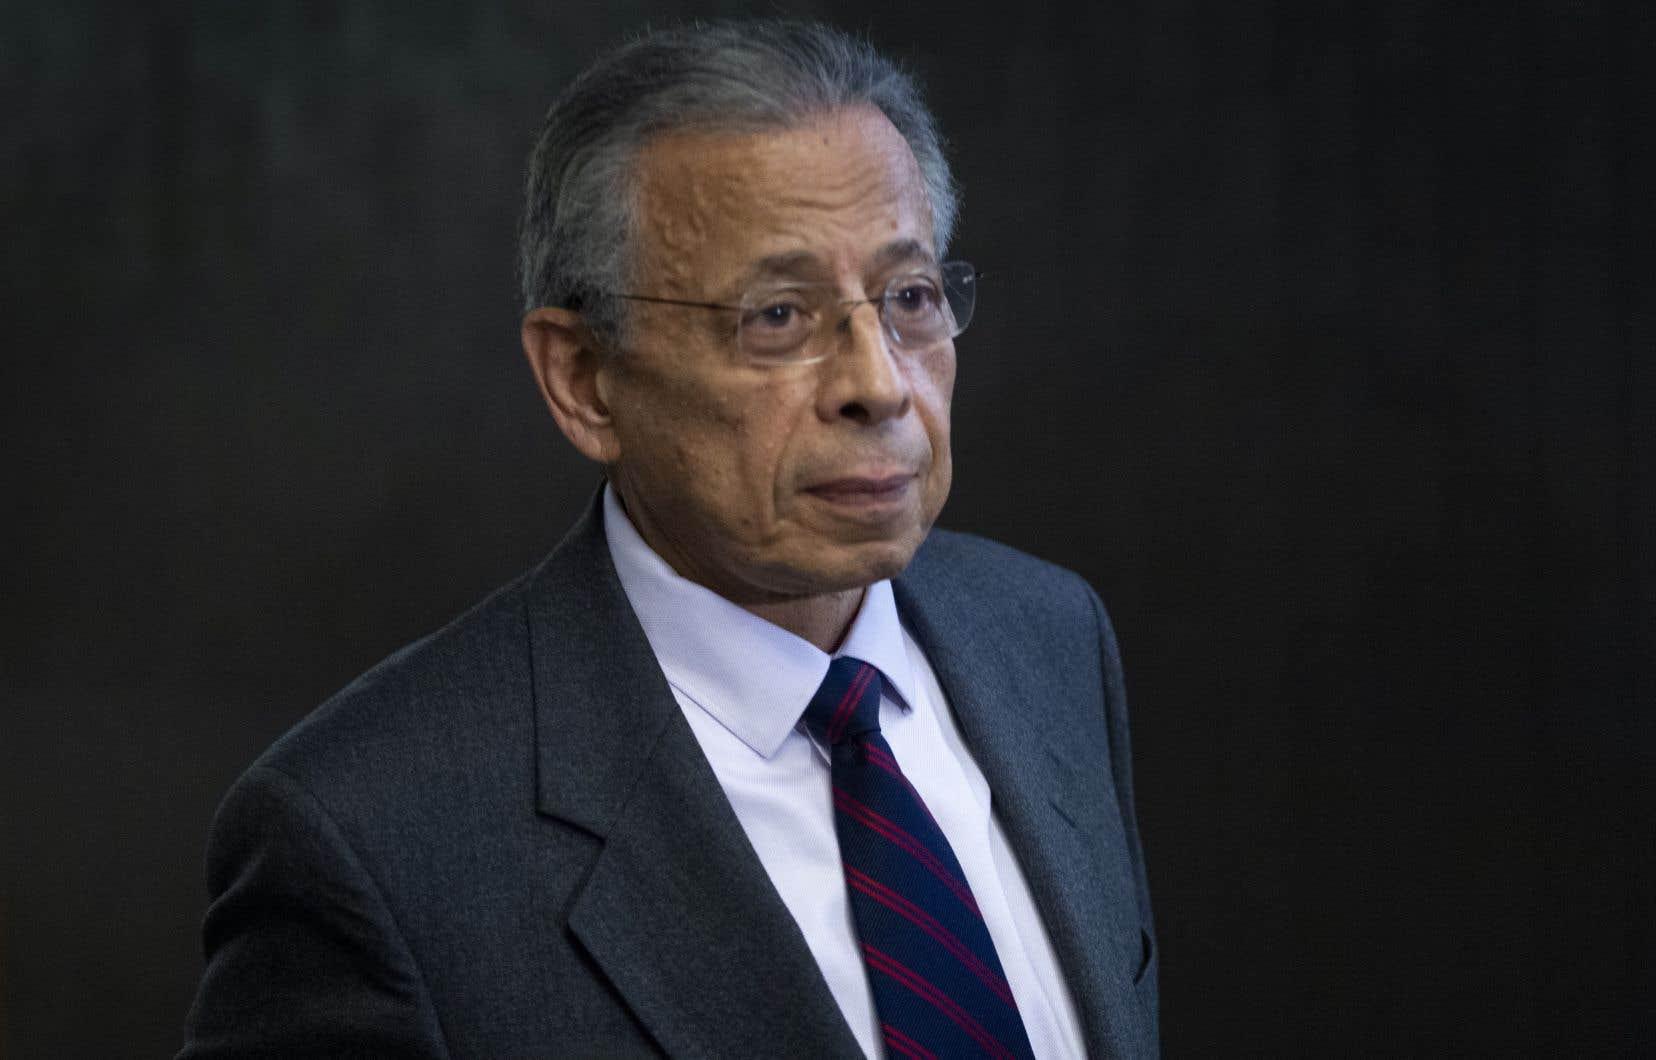 Sami Bebawi, un ancien haut dirigeant de SNC-Lavalin, est accusé de fraude et de corruption.